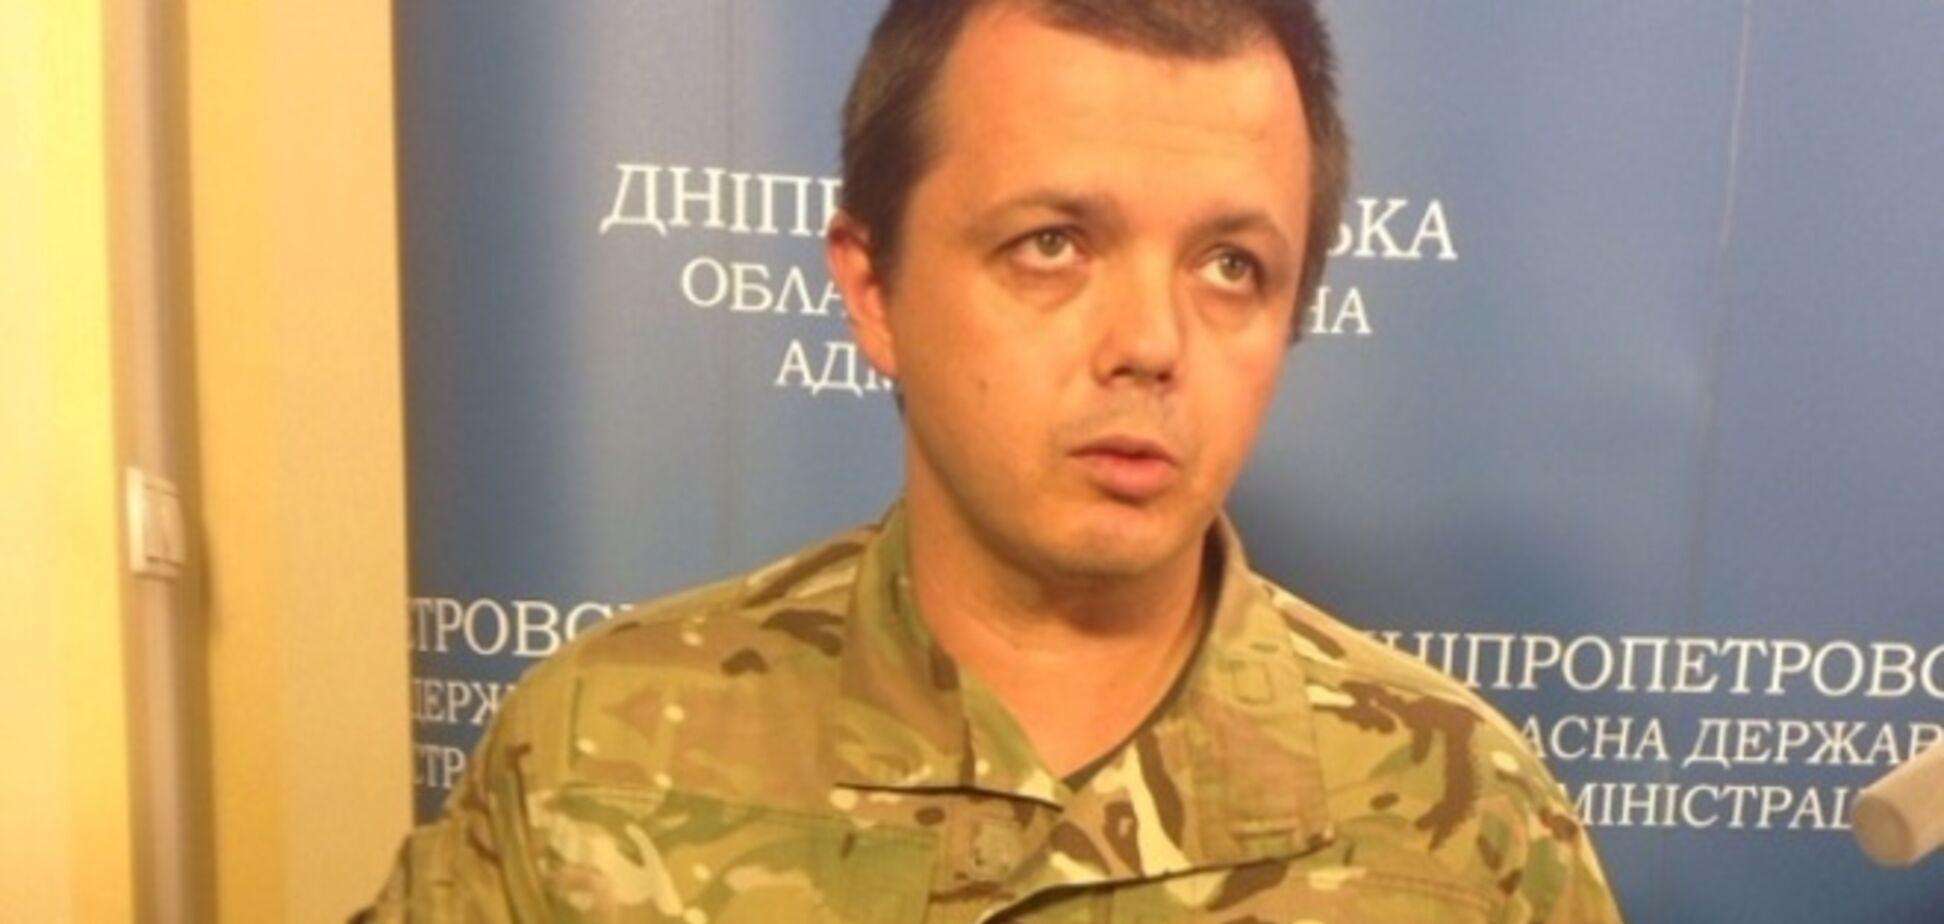 'Из-за бездарного командования гибнут люди'